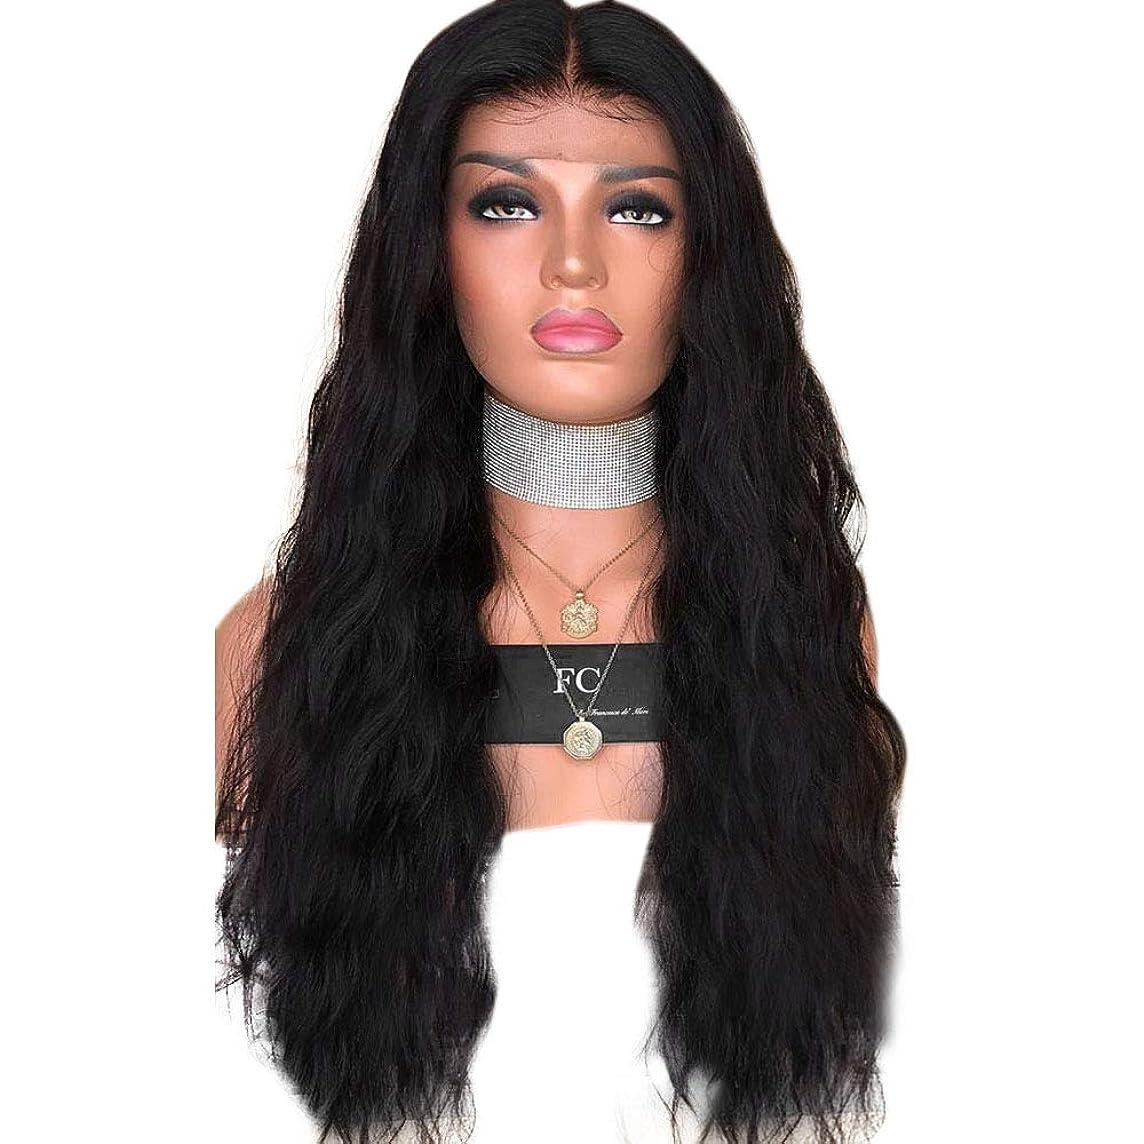 検索派生するスマートBOBIDYEE フロントレースウィッグ、女性のミドル丈前髪マイクロカーブロングカーリーウィッグ複合ヘアレースウィッグロールプレイングウィッグ (色 : Photo Color, サイズ : 18 inches)